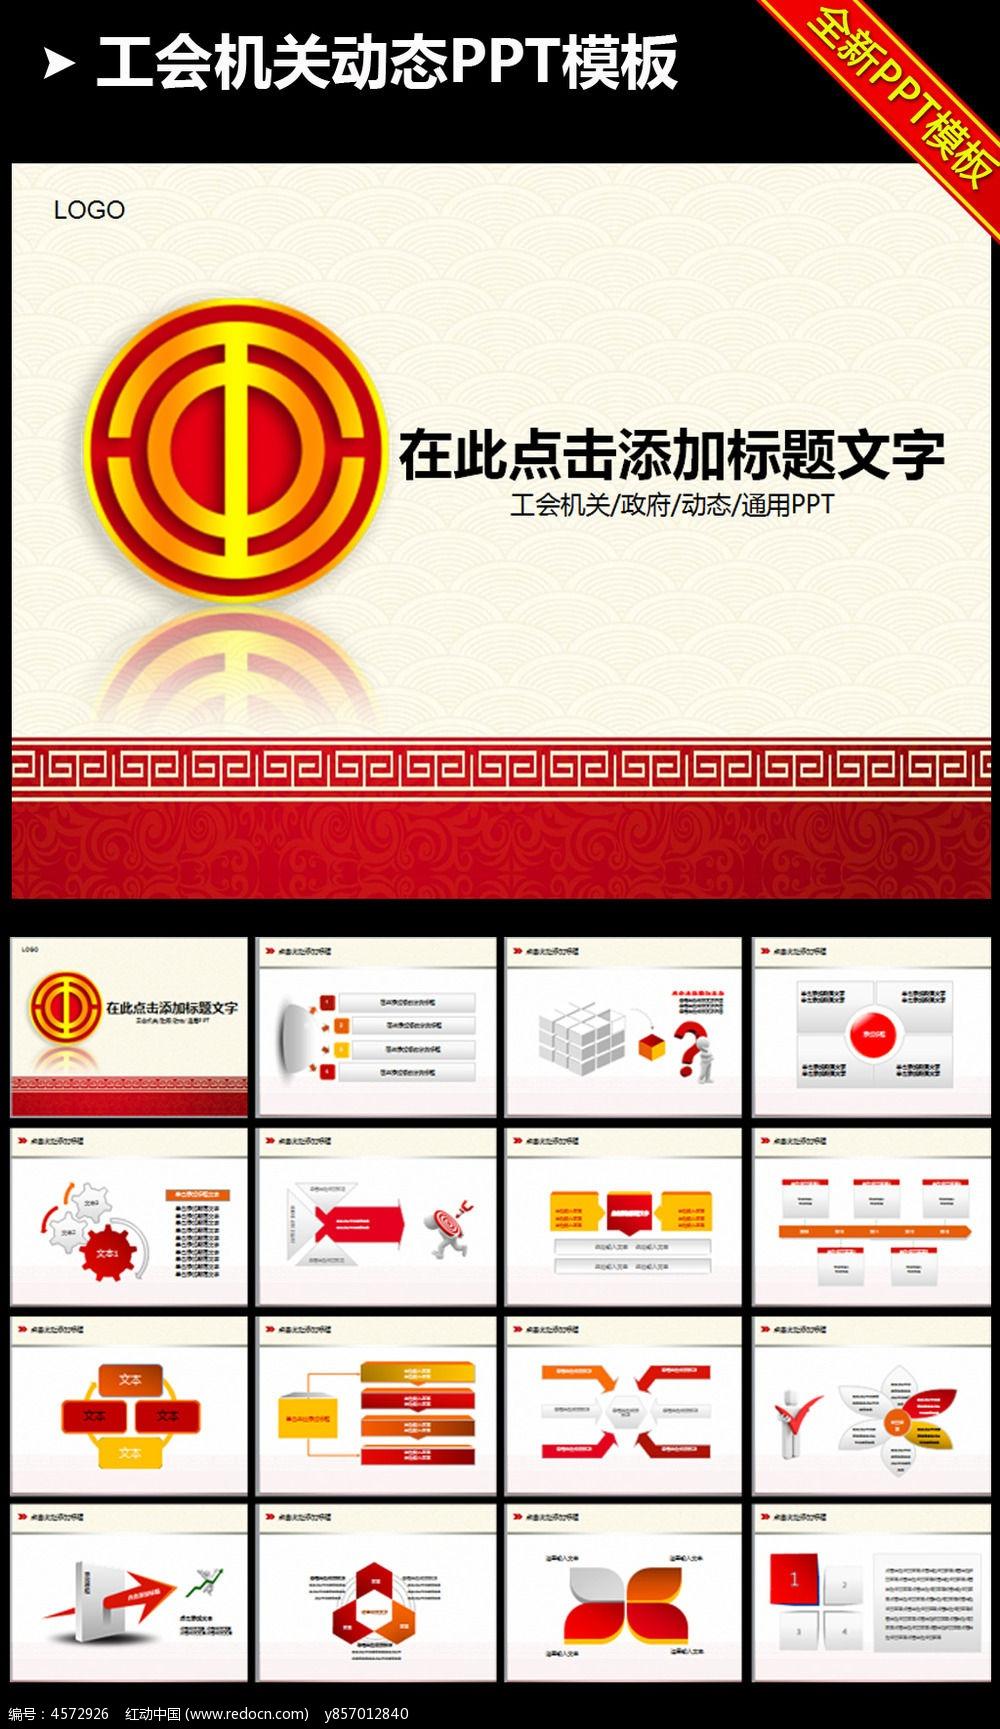 交流 表彰 工作 总结 计划 工会PPT 民主管理PPT 教代会 职代会 总工